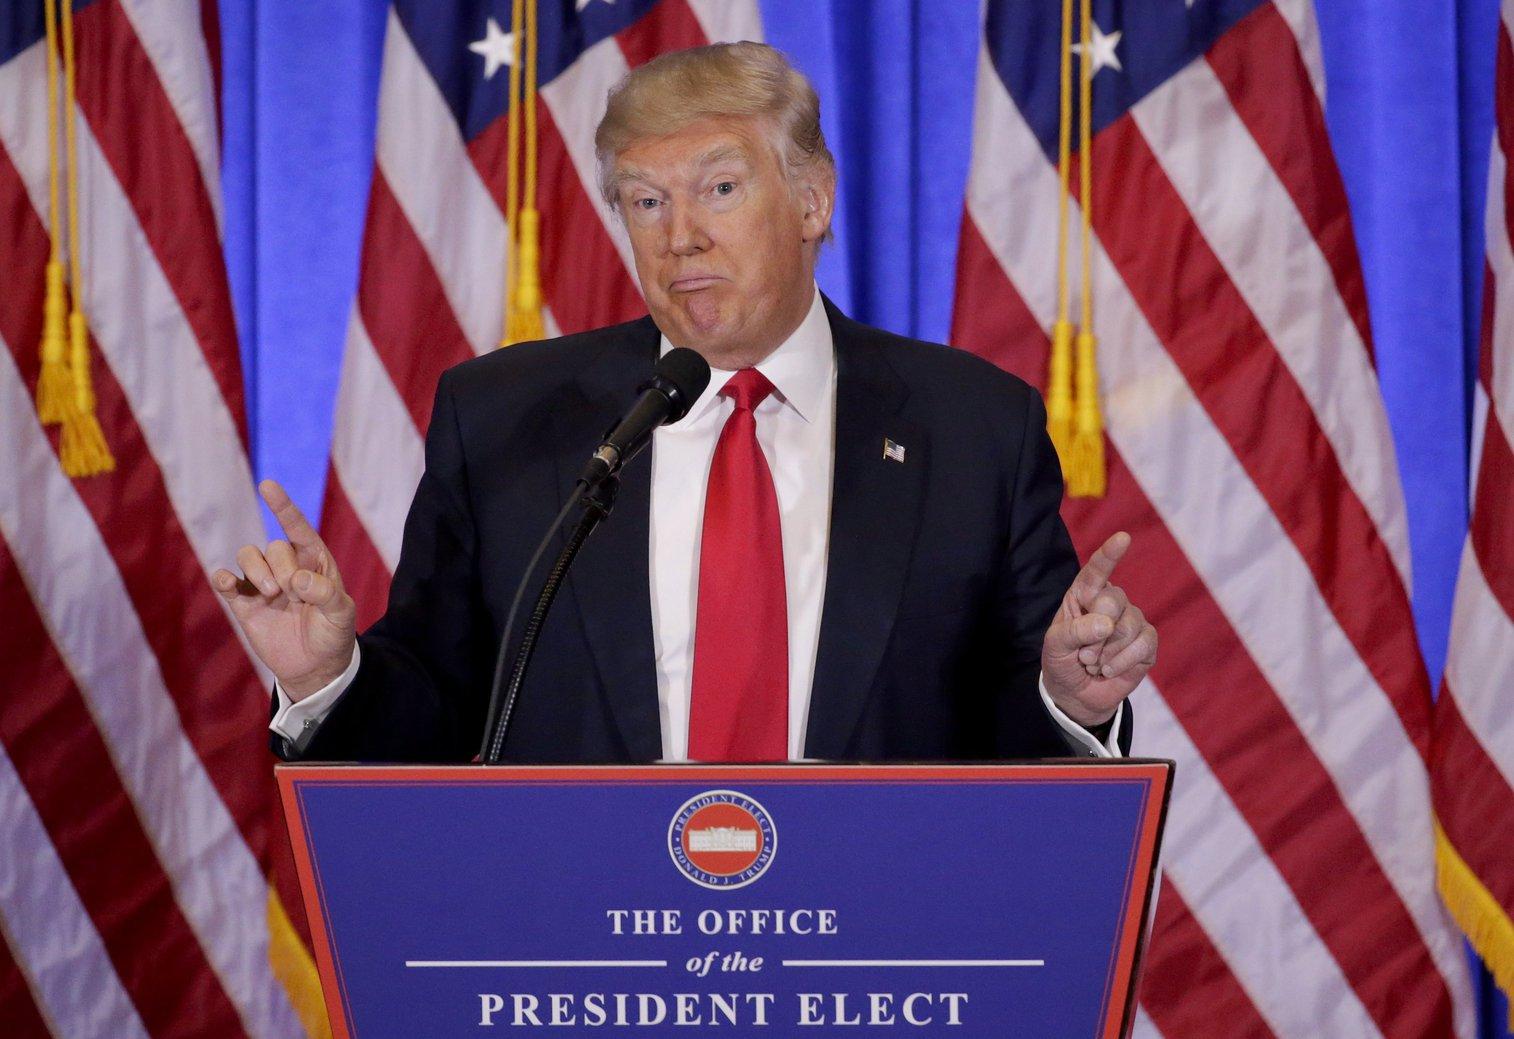 Donald Trump, megválasztott amerikai elnök e minőségében első sajtóértekezletét tartja a New York-i Trump-torony előcsarnokában 2017. január 11-én (MTI/AP/Seth Wenig)